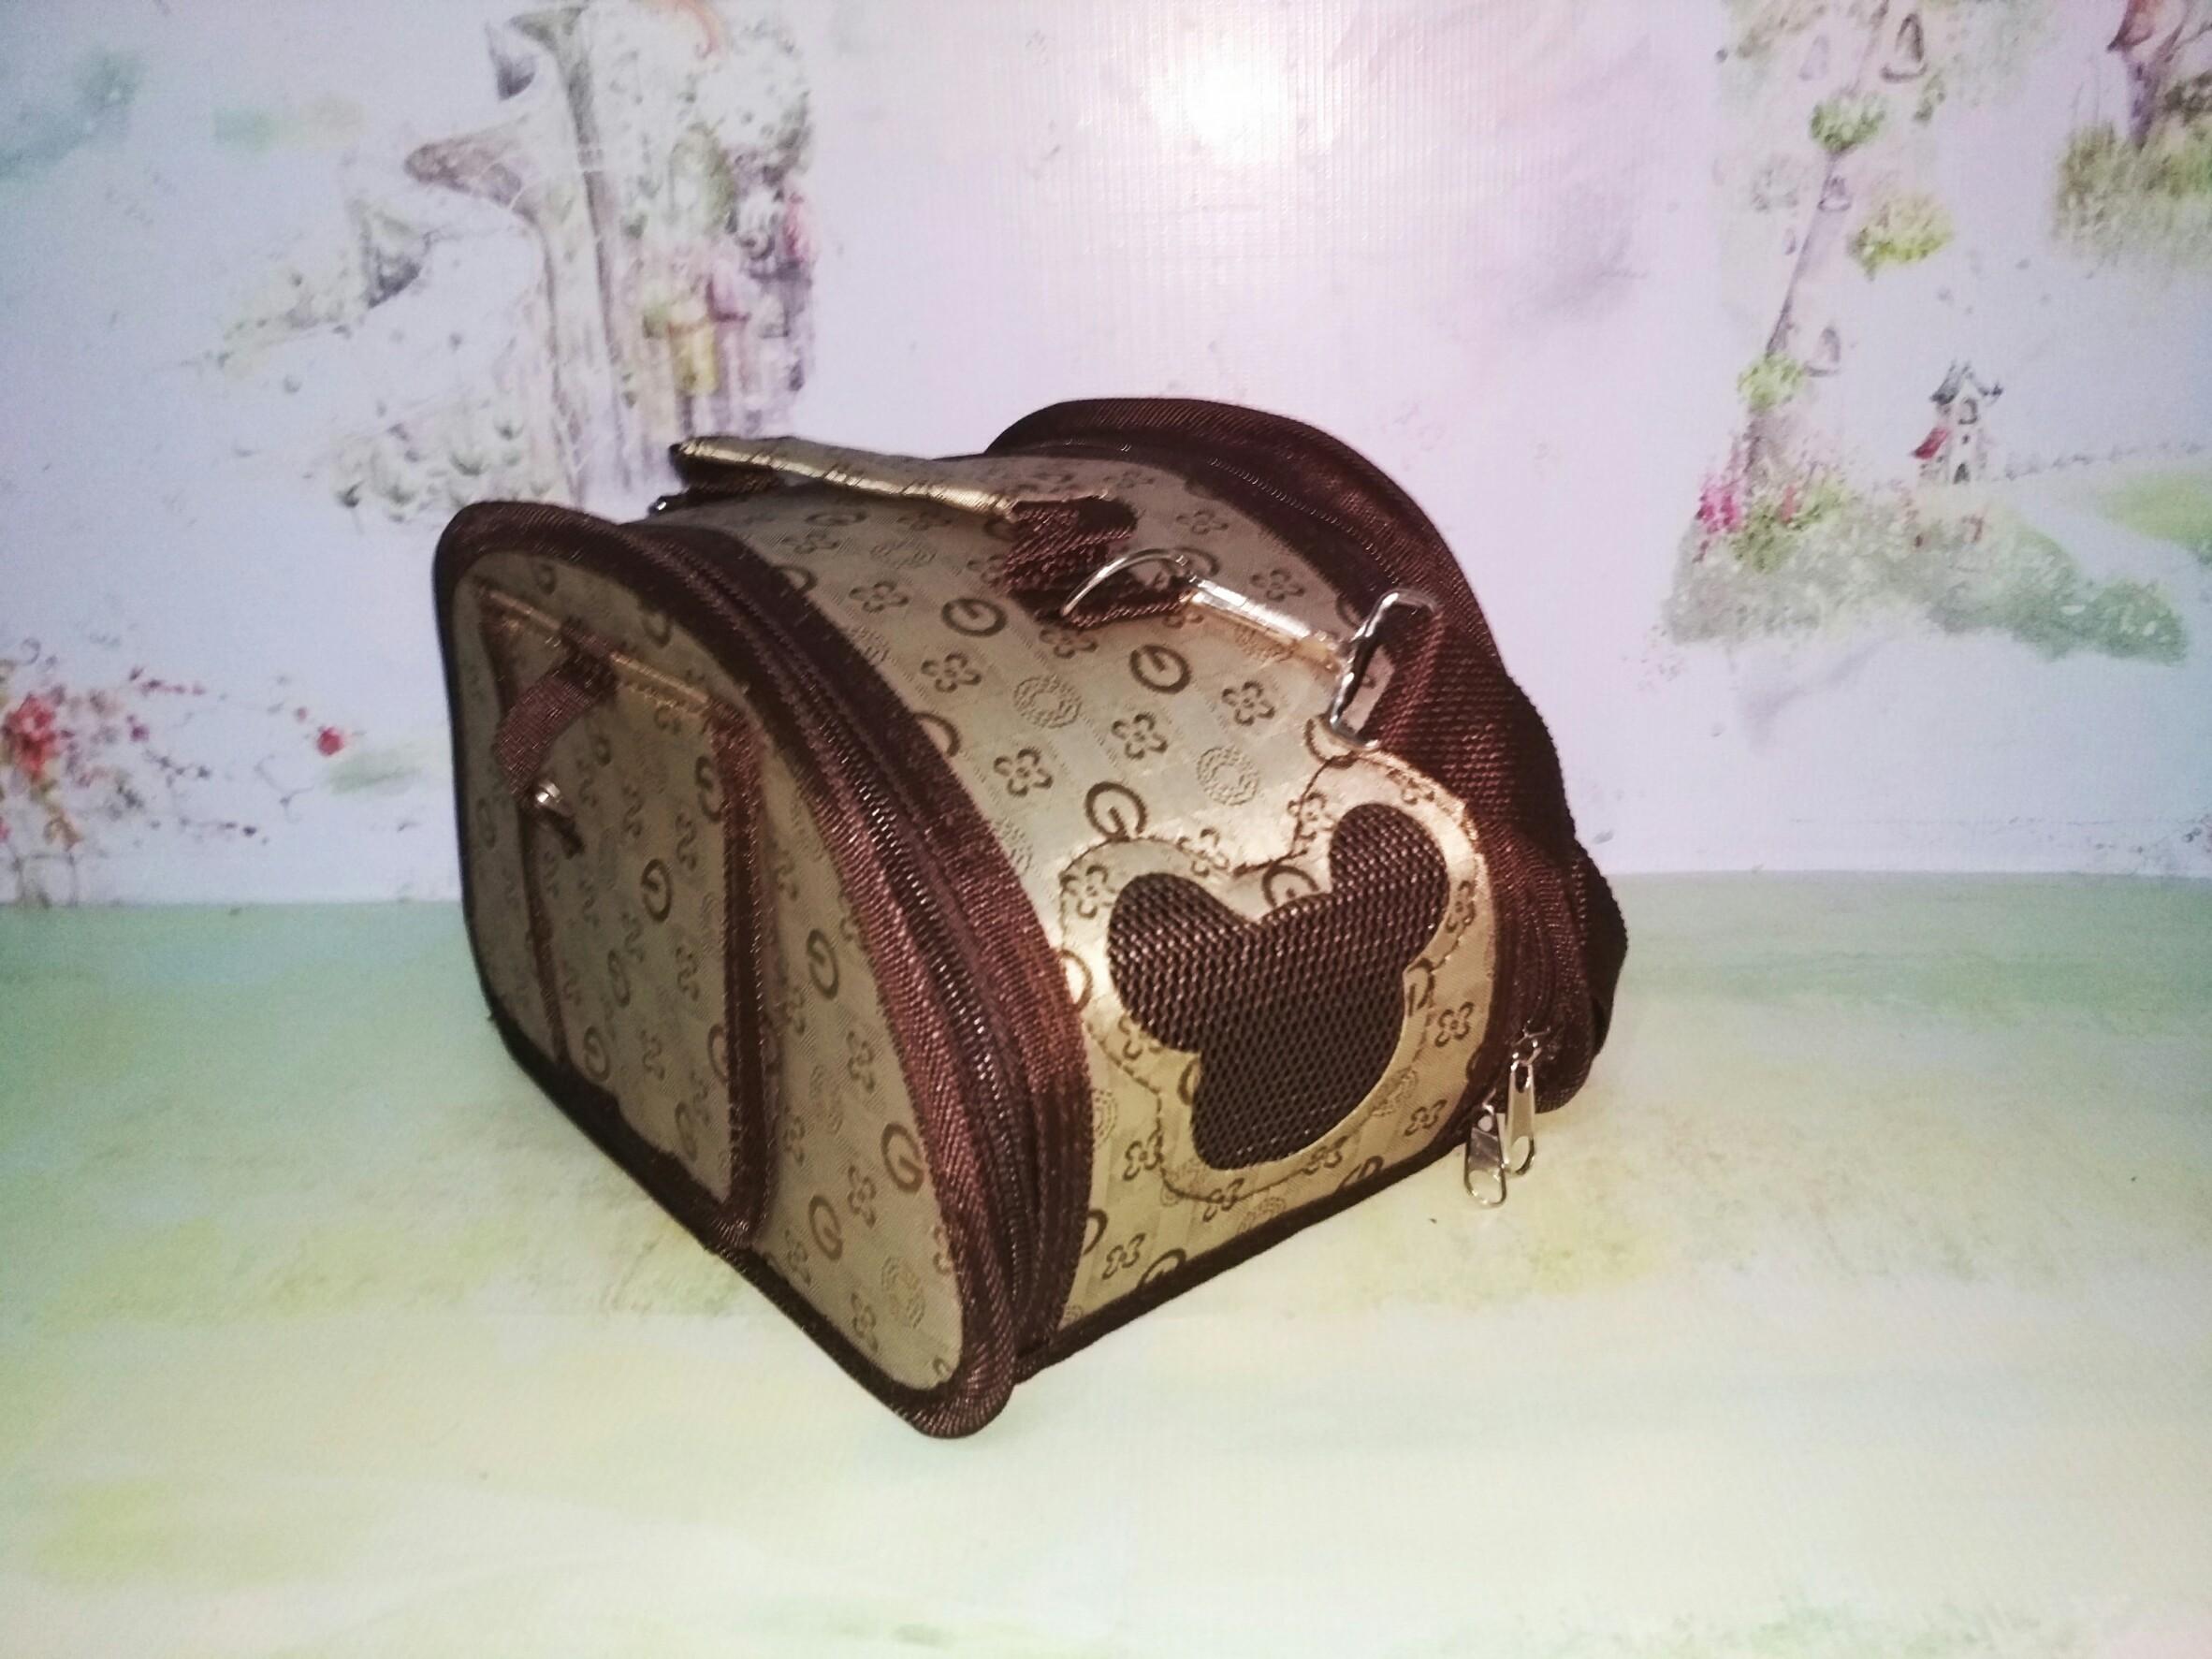 กระเป๋าหน้าต่างมิ้กกี้#1 น้ำตาล G